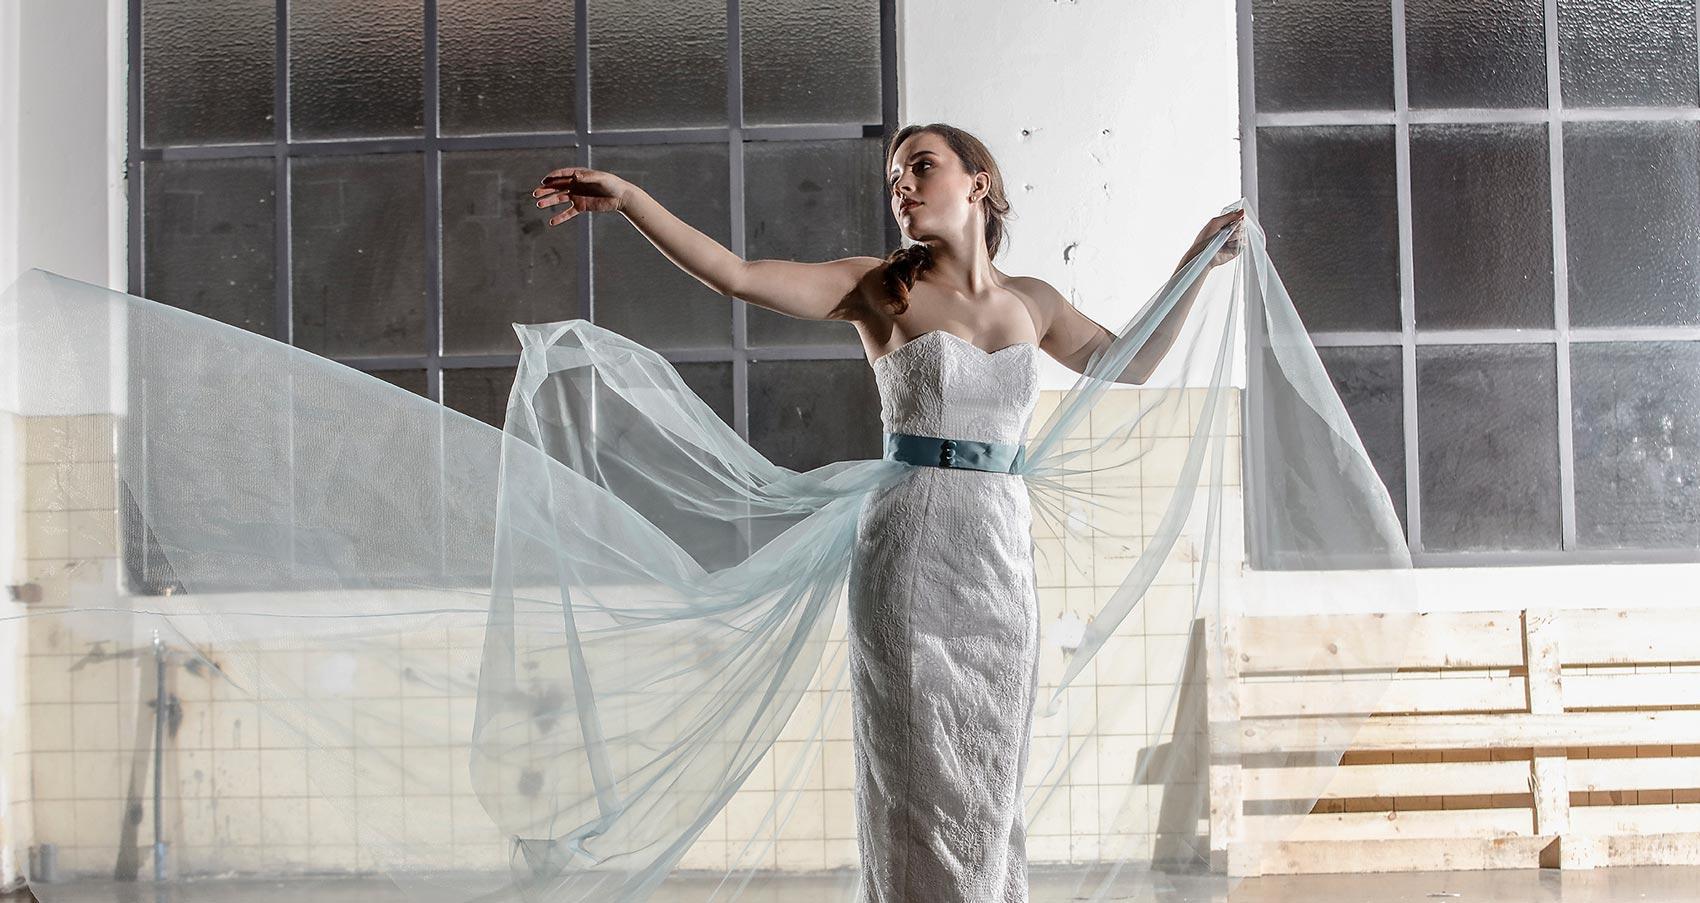 Langes Kleid mit Tüchern